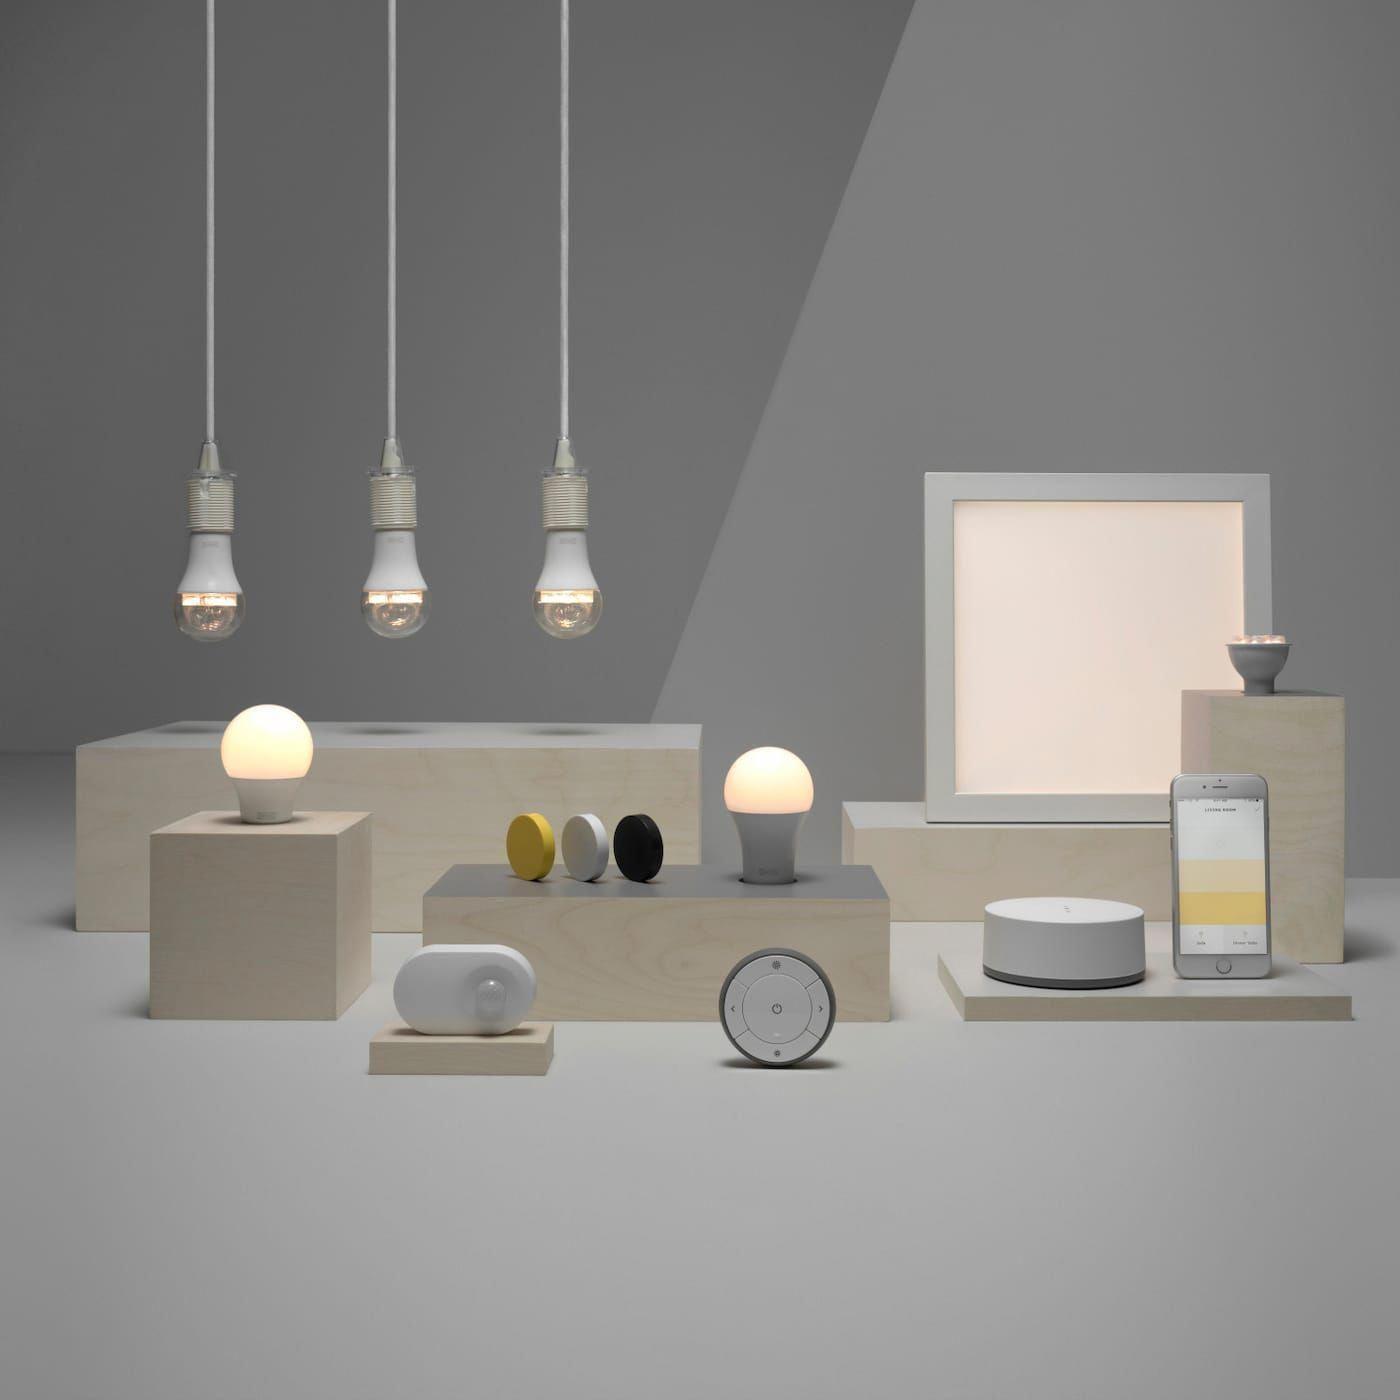 Smart Home Beleuchtung Mit Tradfri Dispositivosinteligentes Smart Lighting Smart Bulbs Smart Bulb